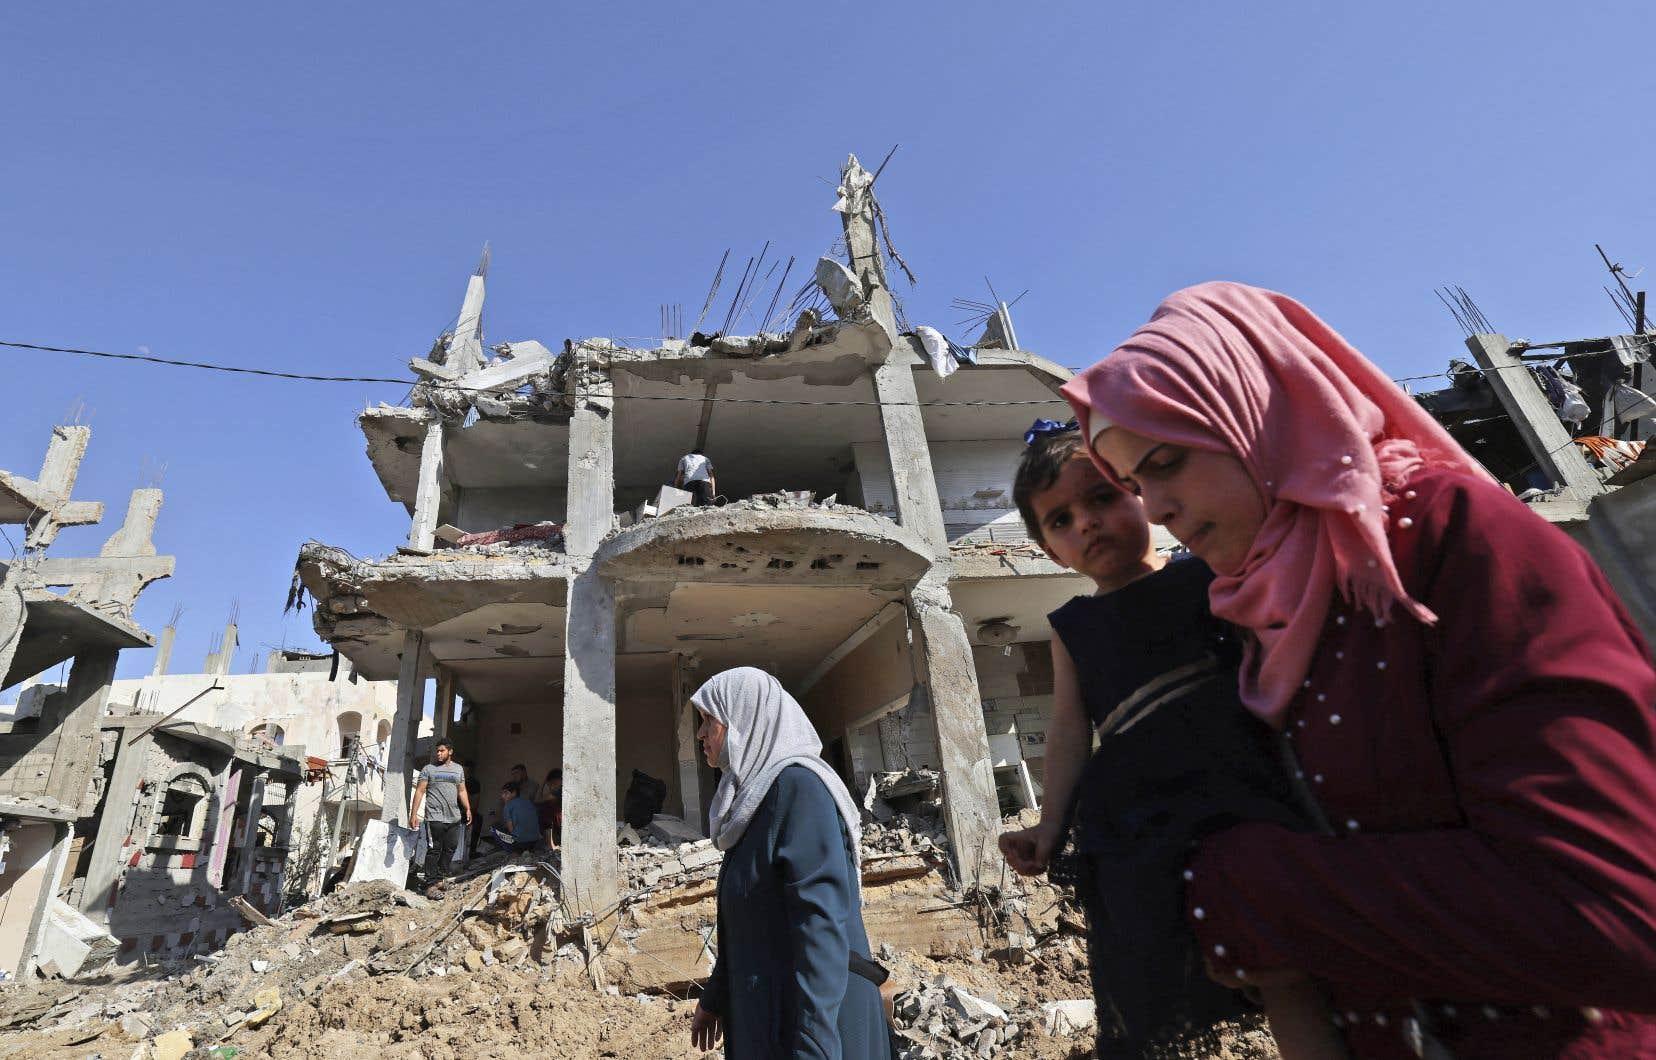 La trêve n'a pas empêché l'éclatement de nouveaux affrontements entre fidèles palestiniens et policiers israéliens sur l'esplanade des Mosquées.